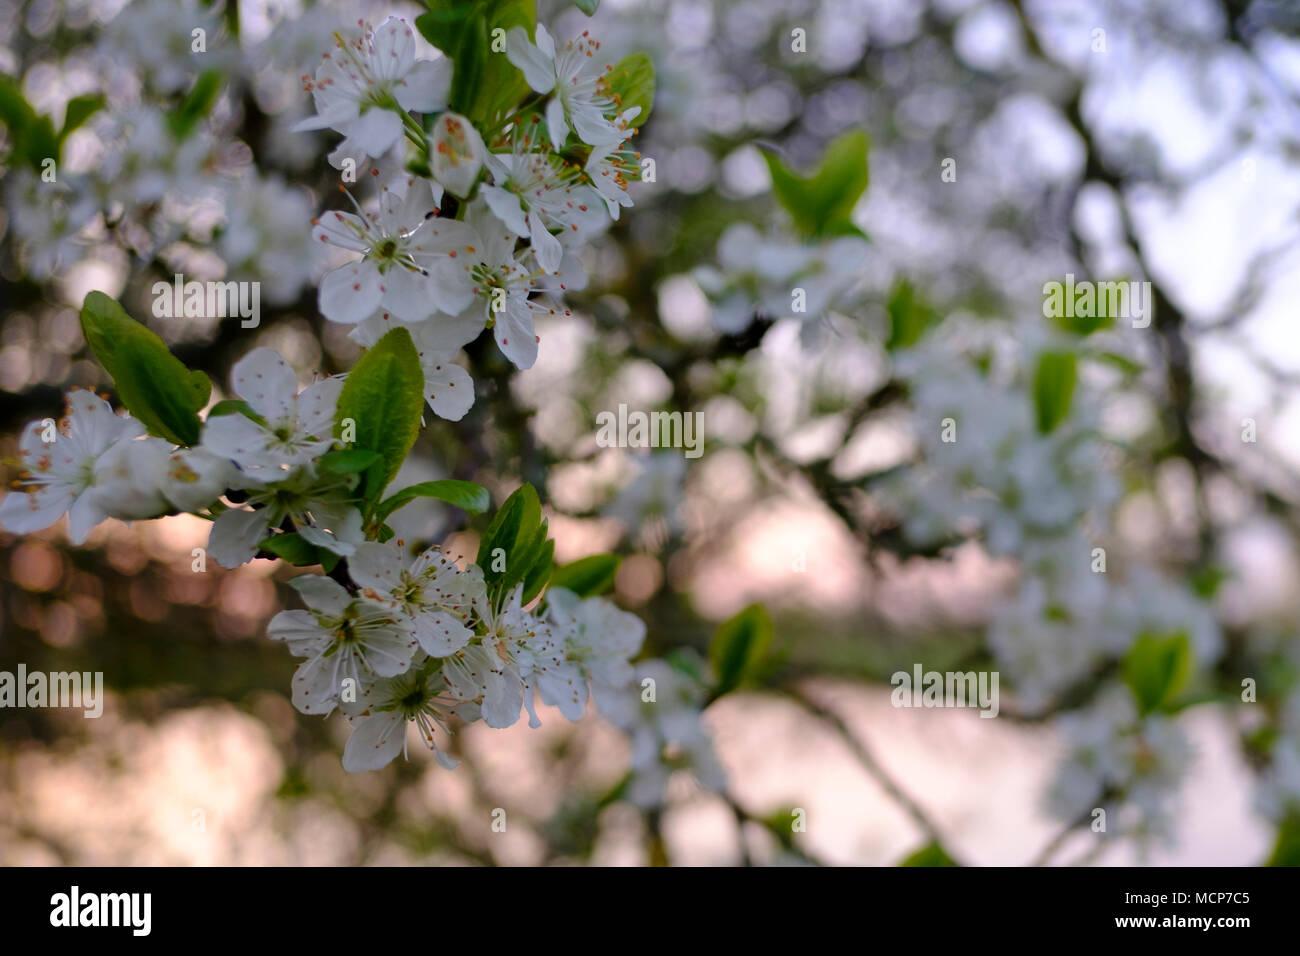 Salisbury Wiltshire 18th Apr 2018 Uk Weather Salisbury Wiltshire